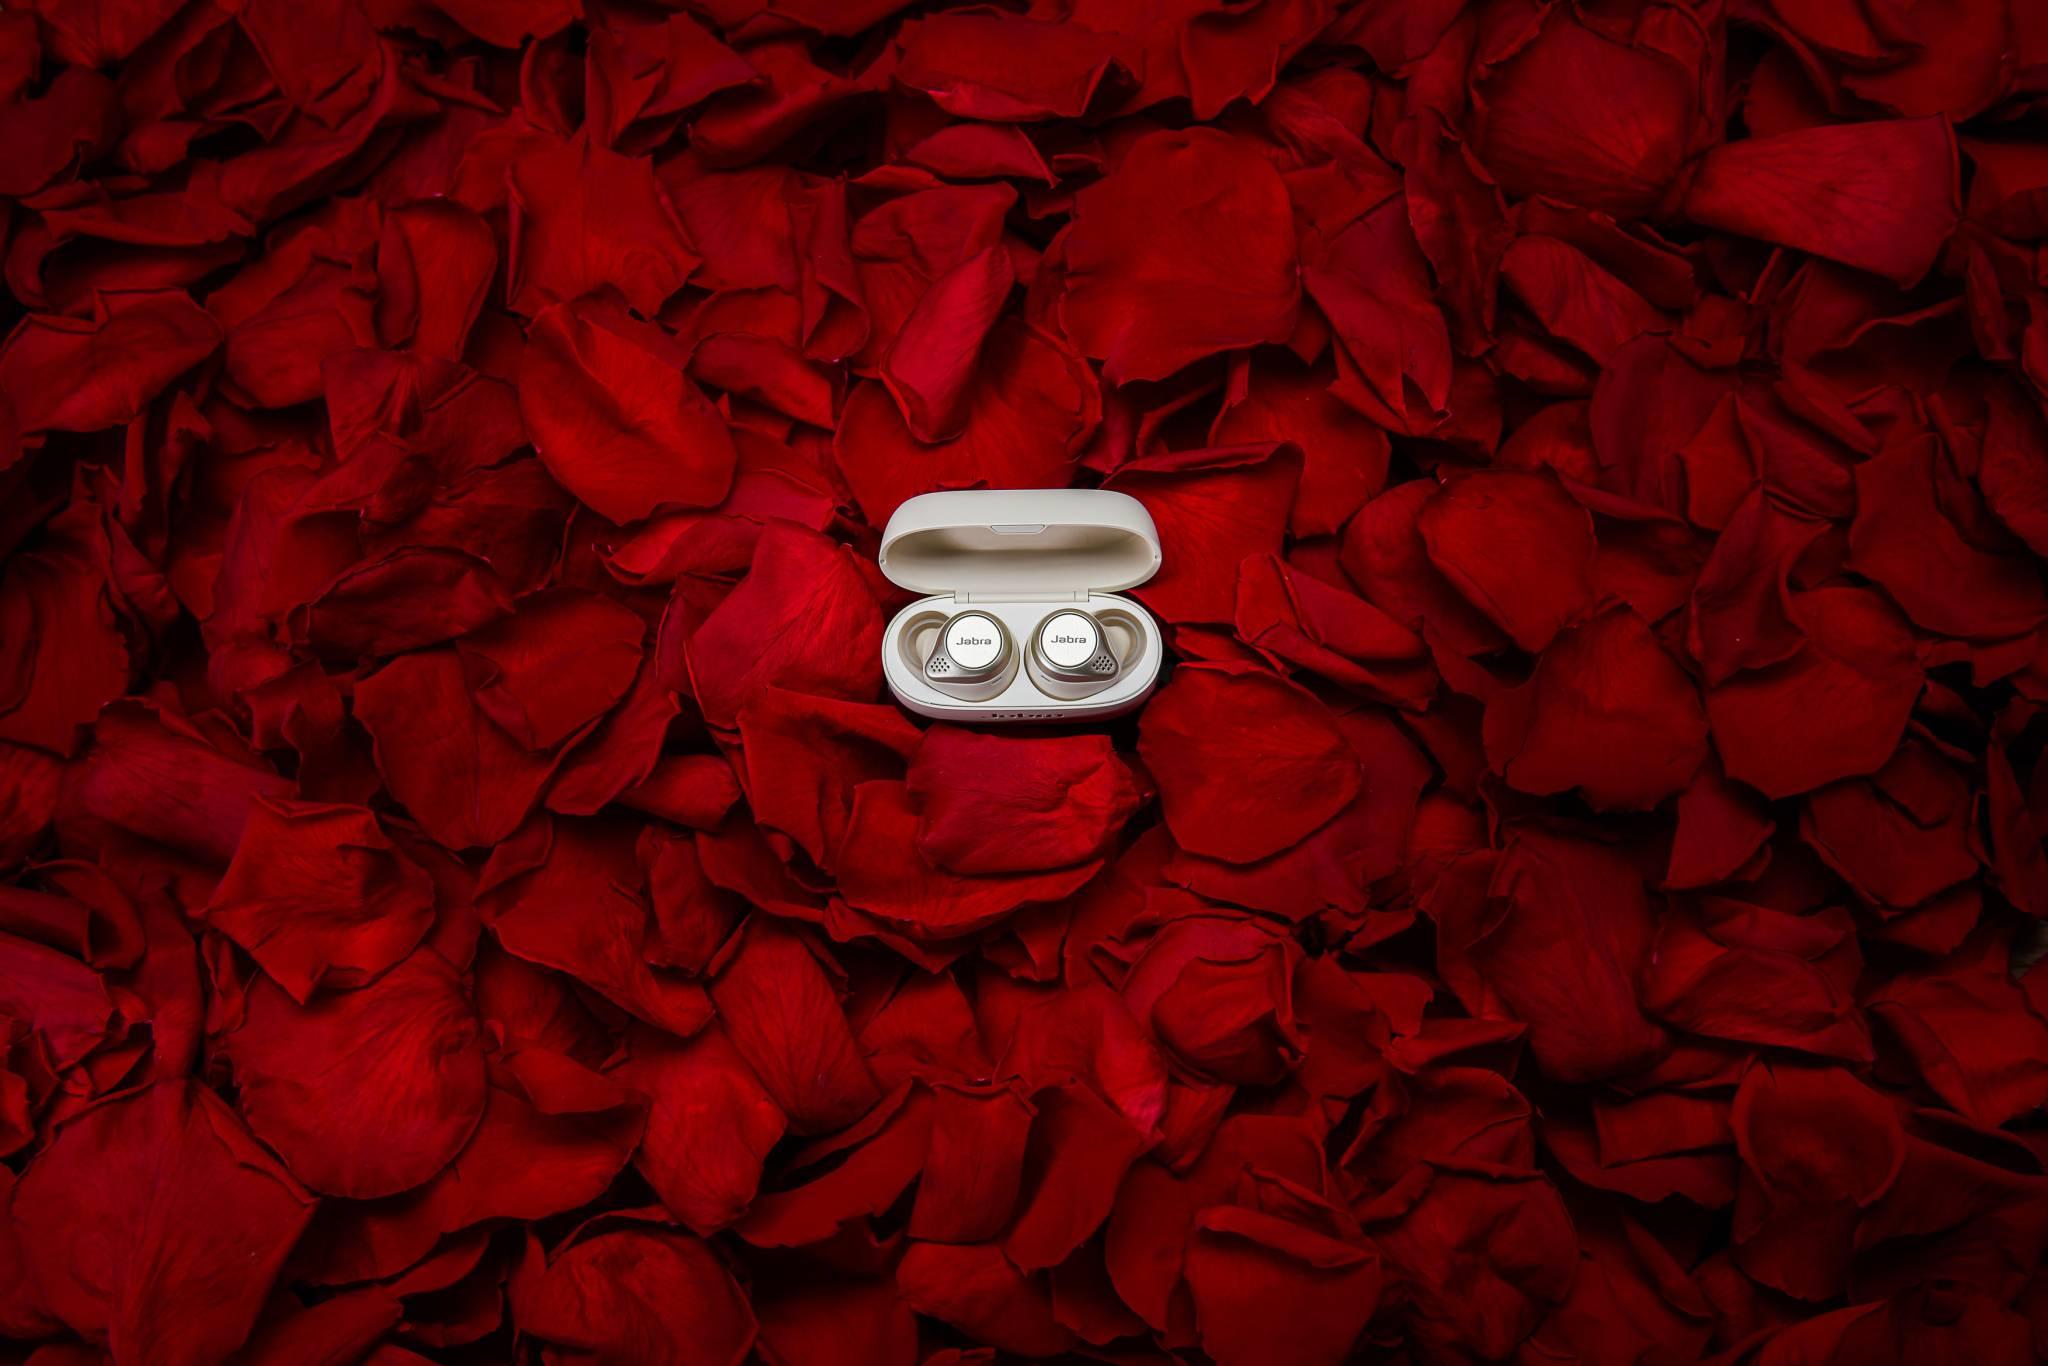 Walentynkowy prezentownik, czyli najpiękniejsze pomysły na prezent